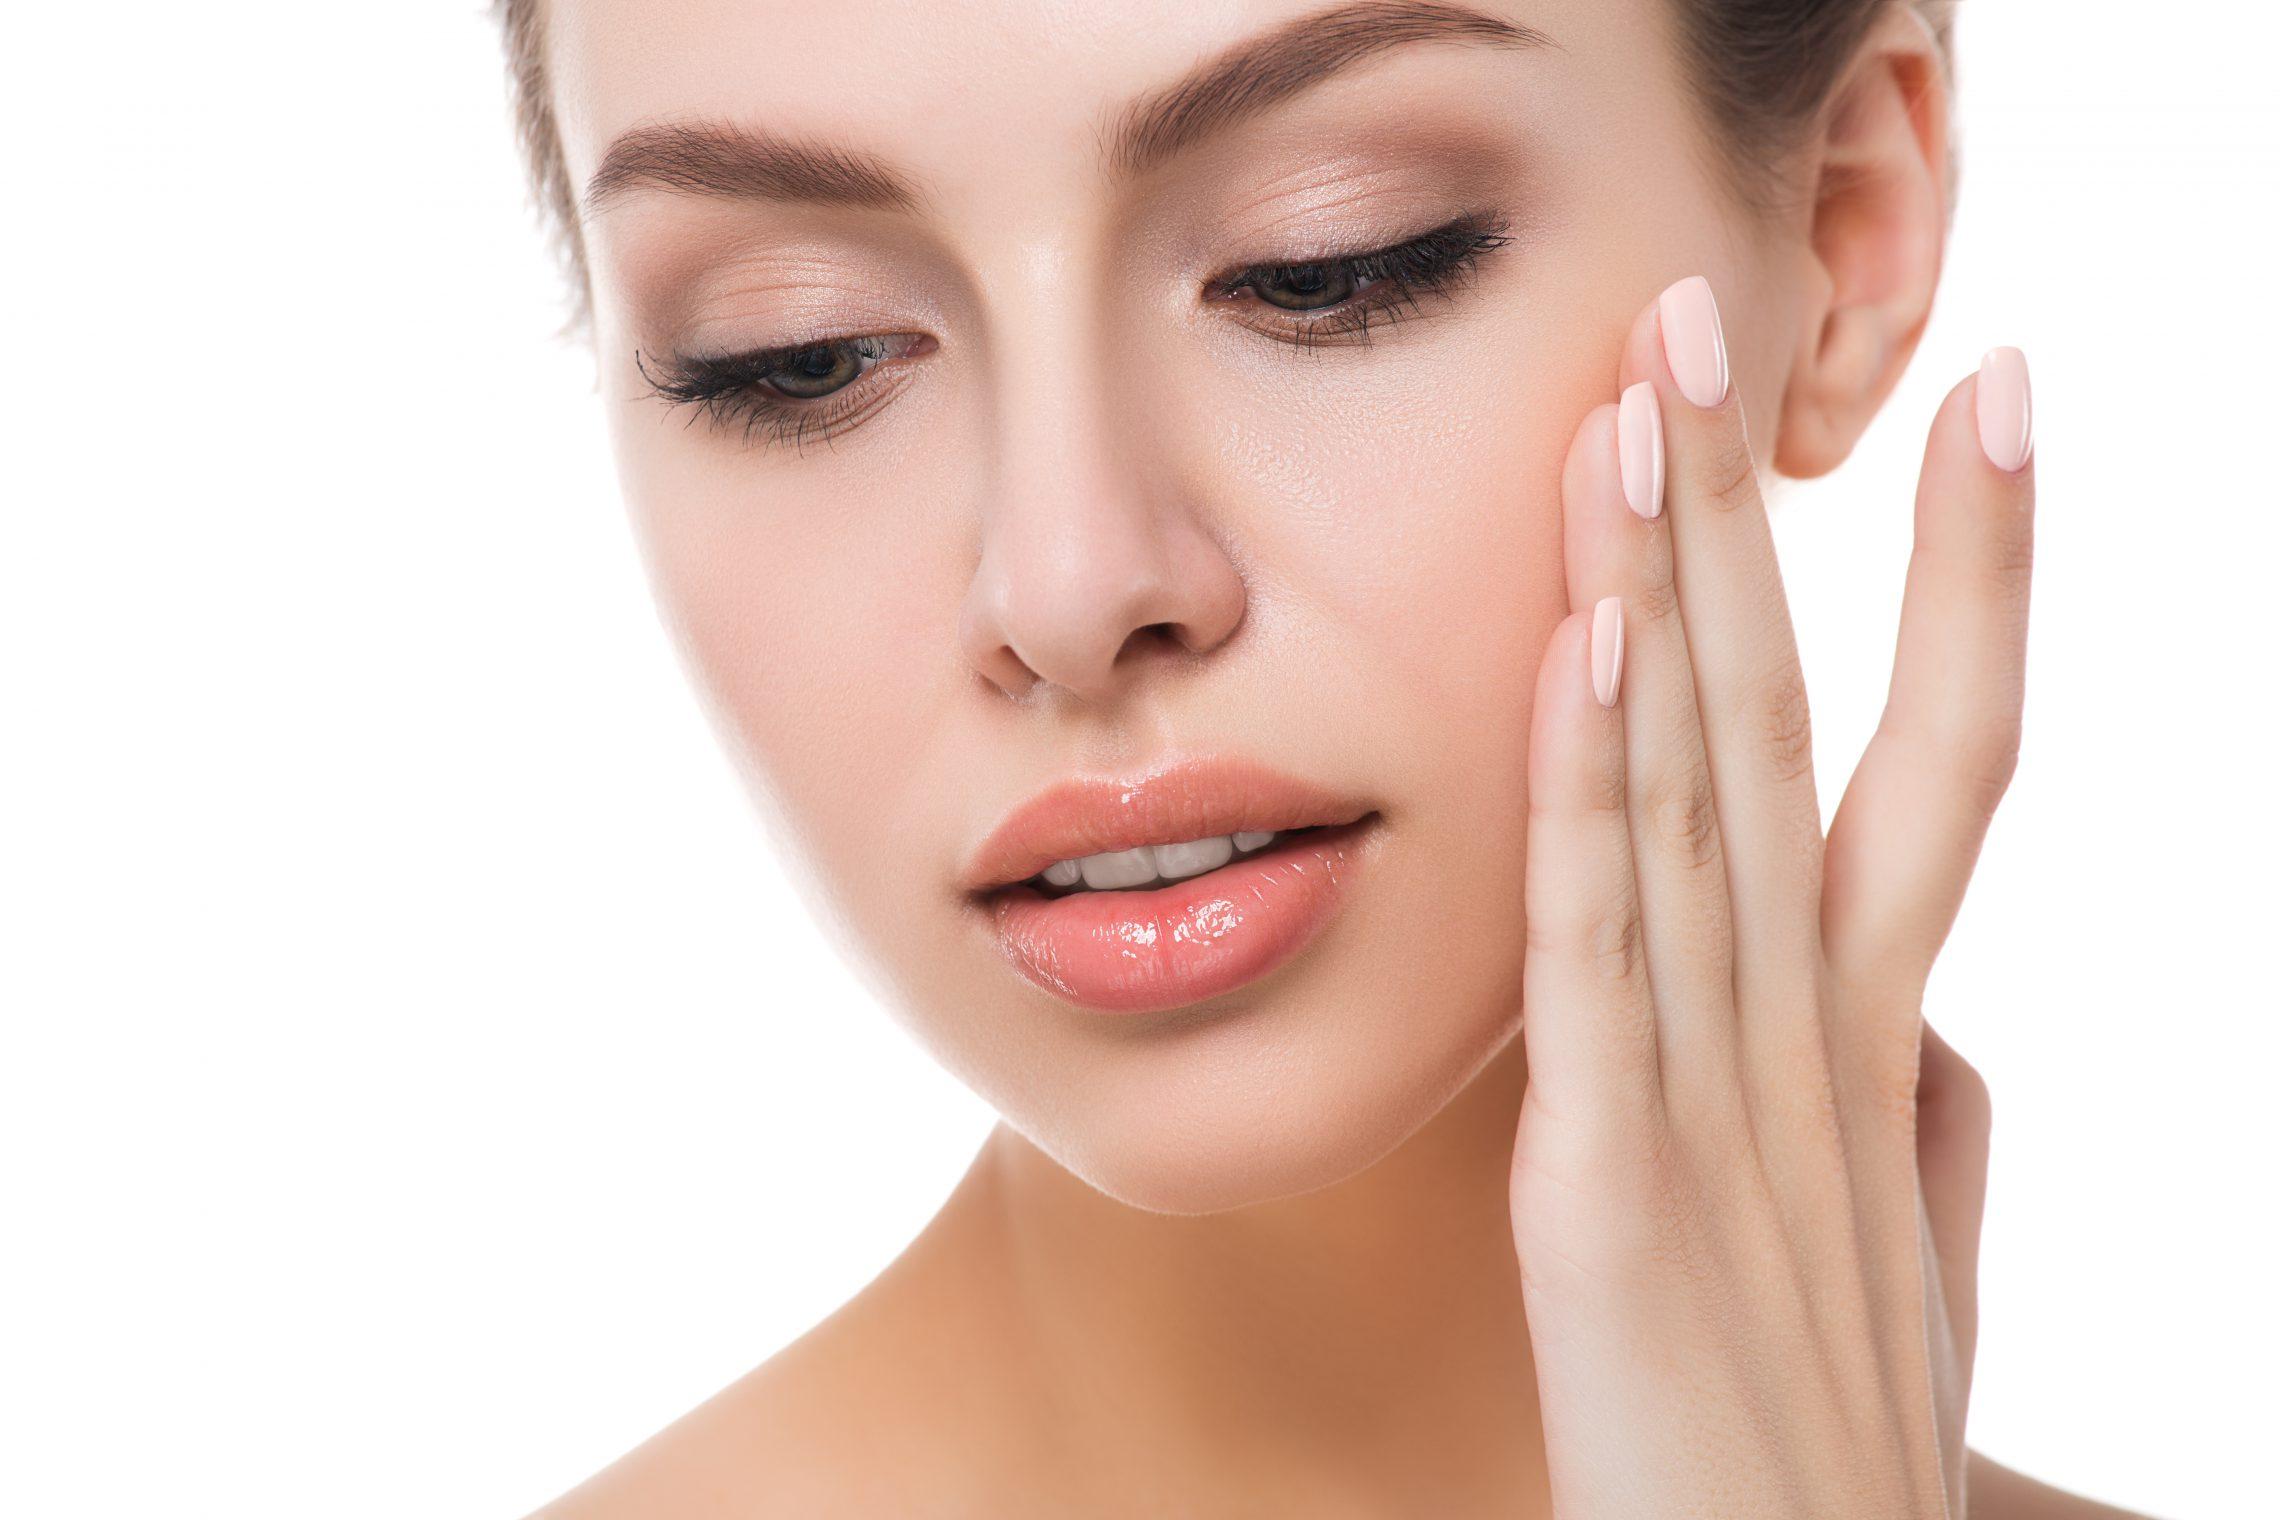 Chcesz spowolnić naturalny proces starzenia się skóry?